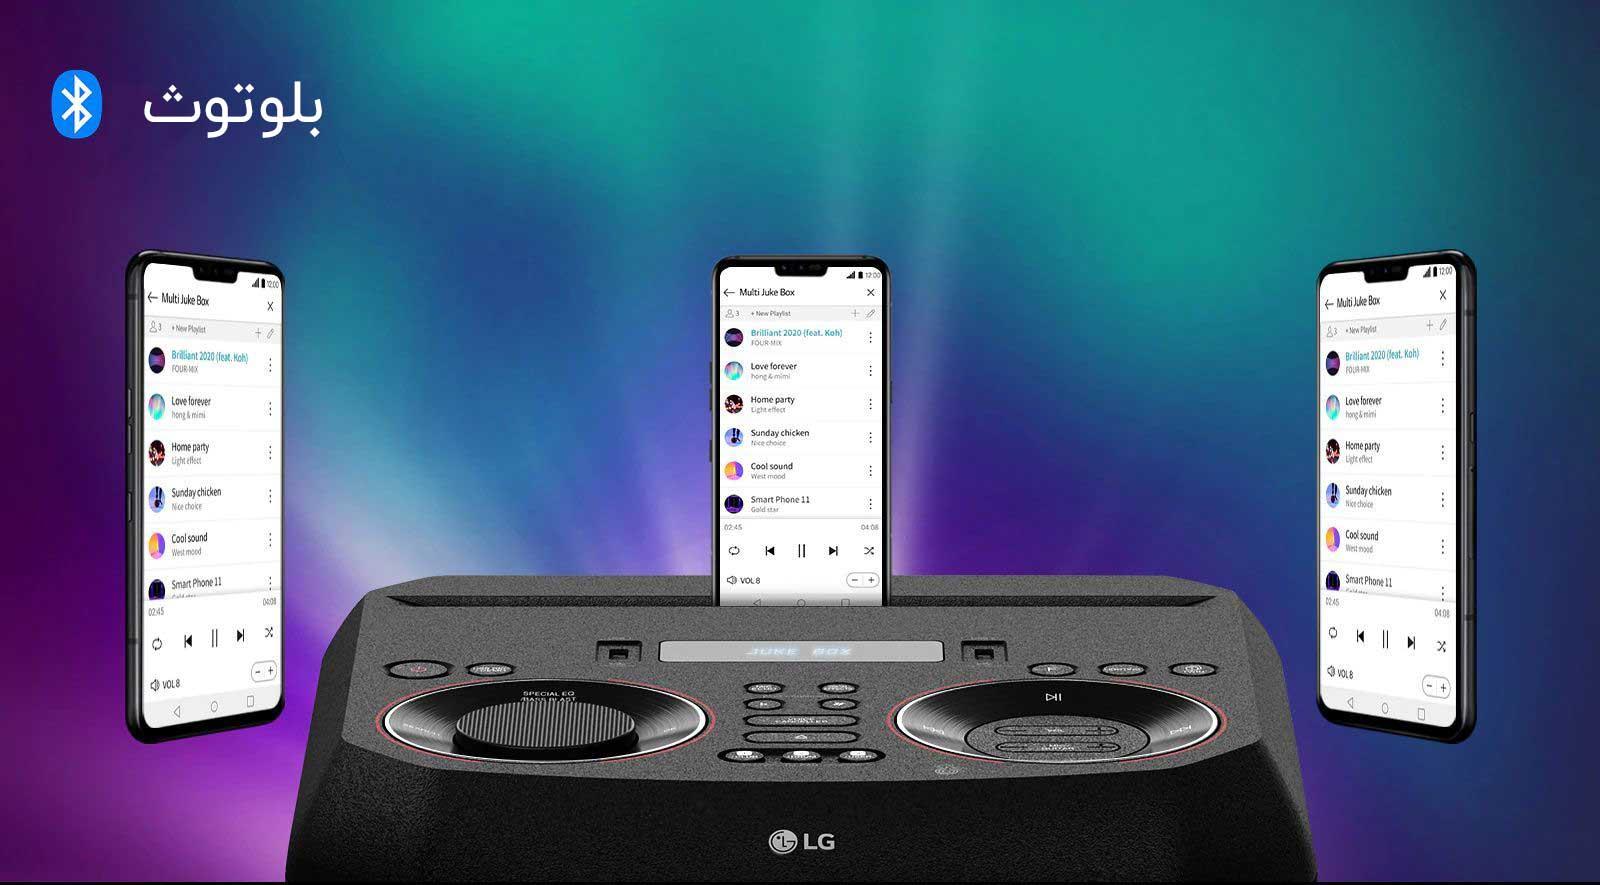 اتصال همزمان سه گوشی از طریق بلوتوث به سیستم صوتی ON9